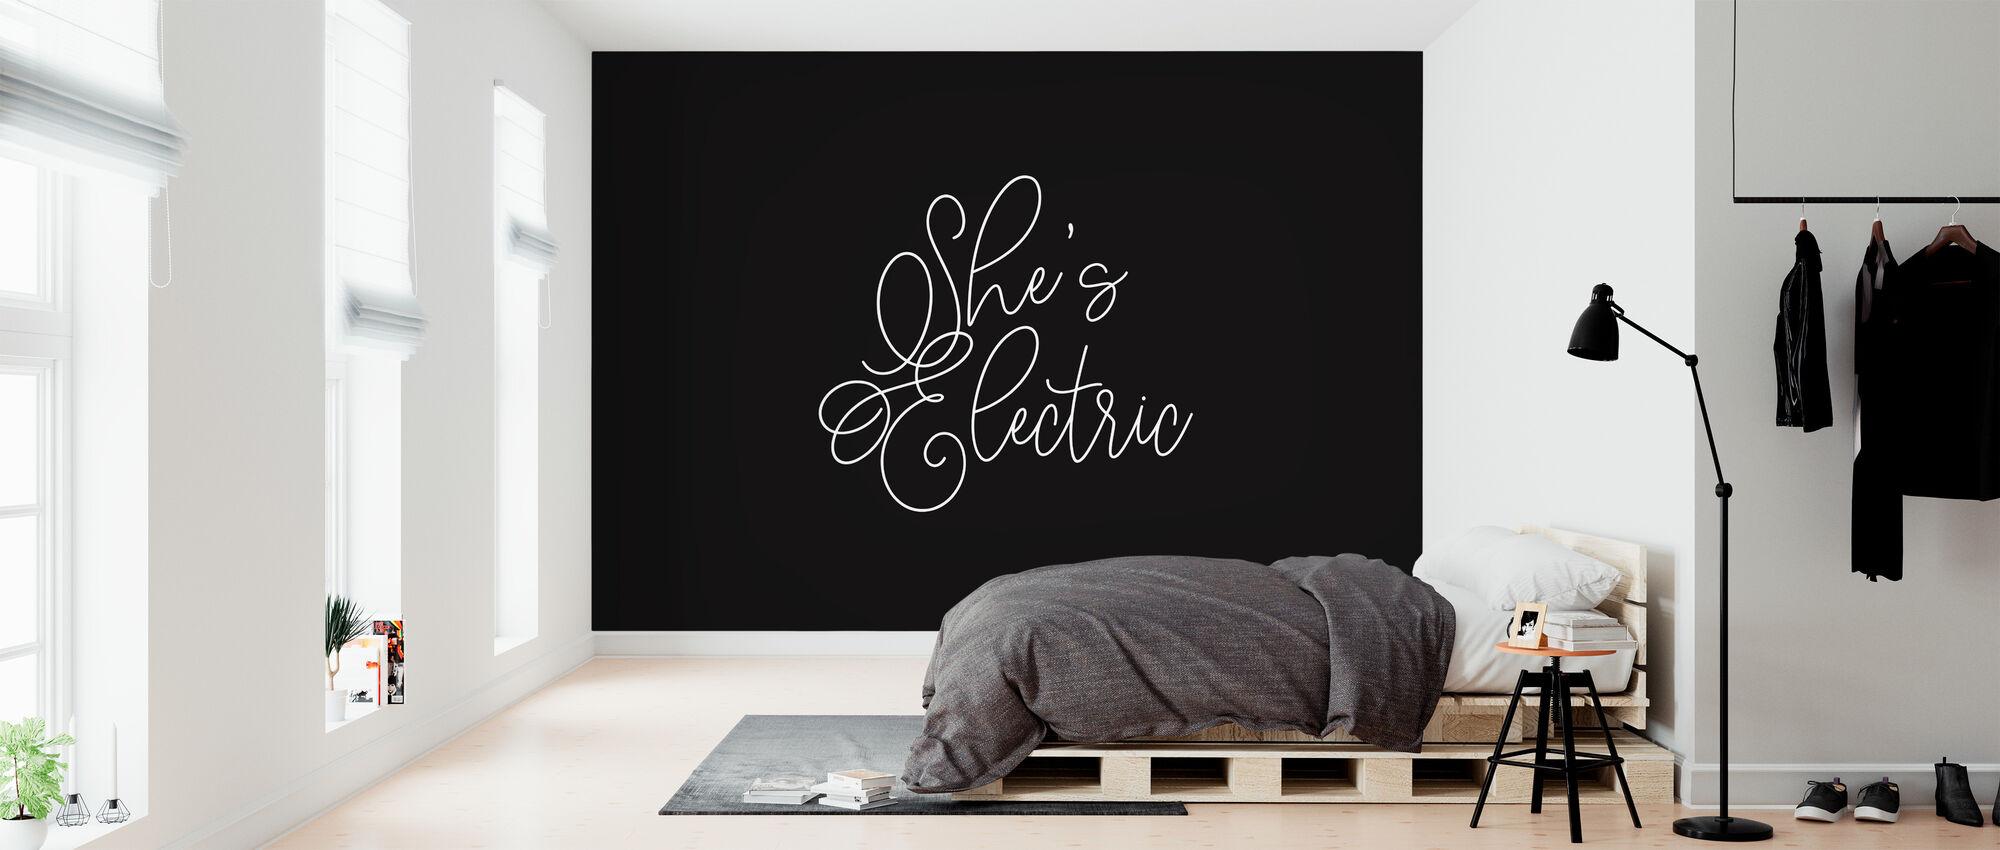 Shes Electric - Behang - Slaapkamer